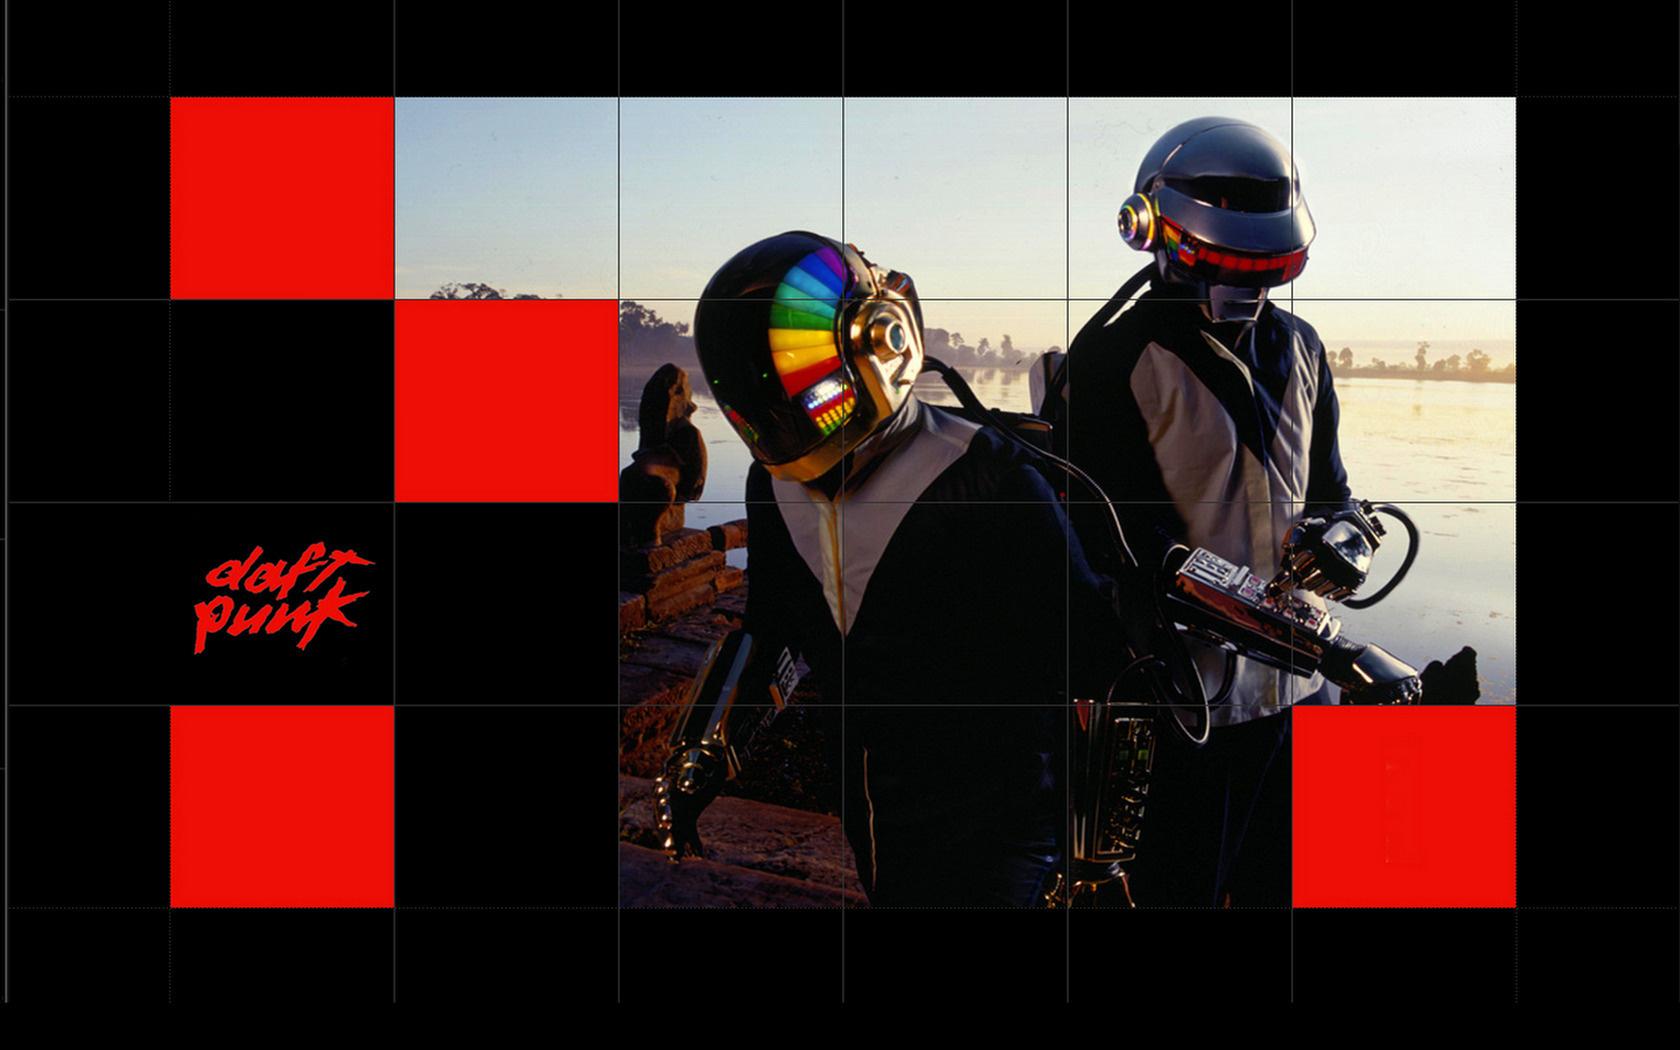 Музыка стилистика шлемы duft punk дафт